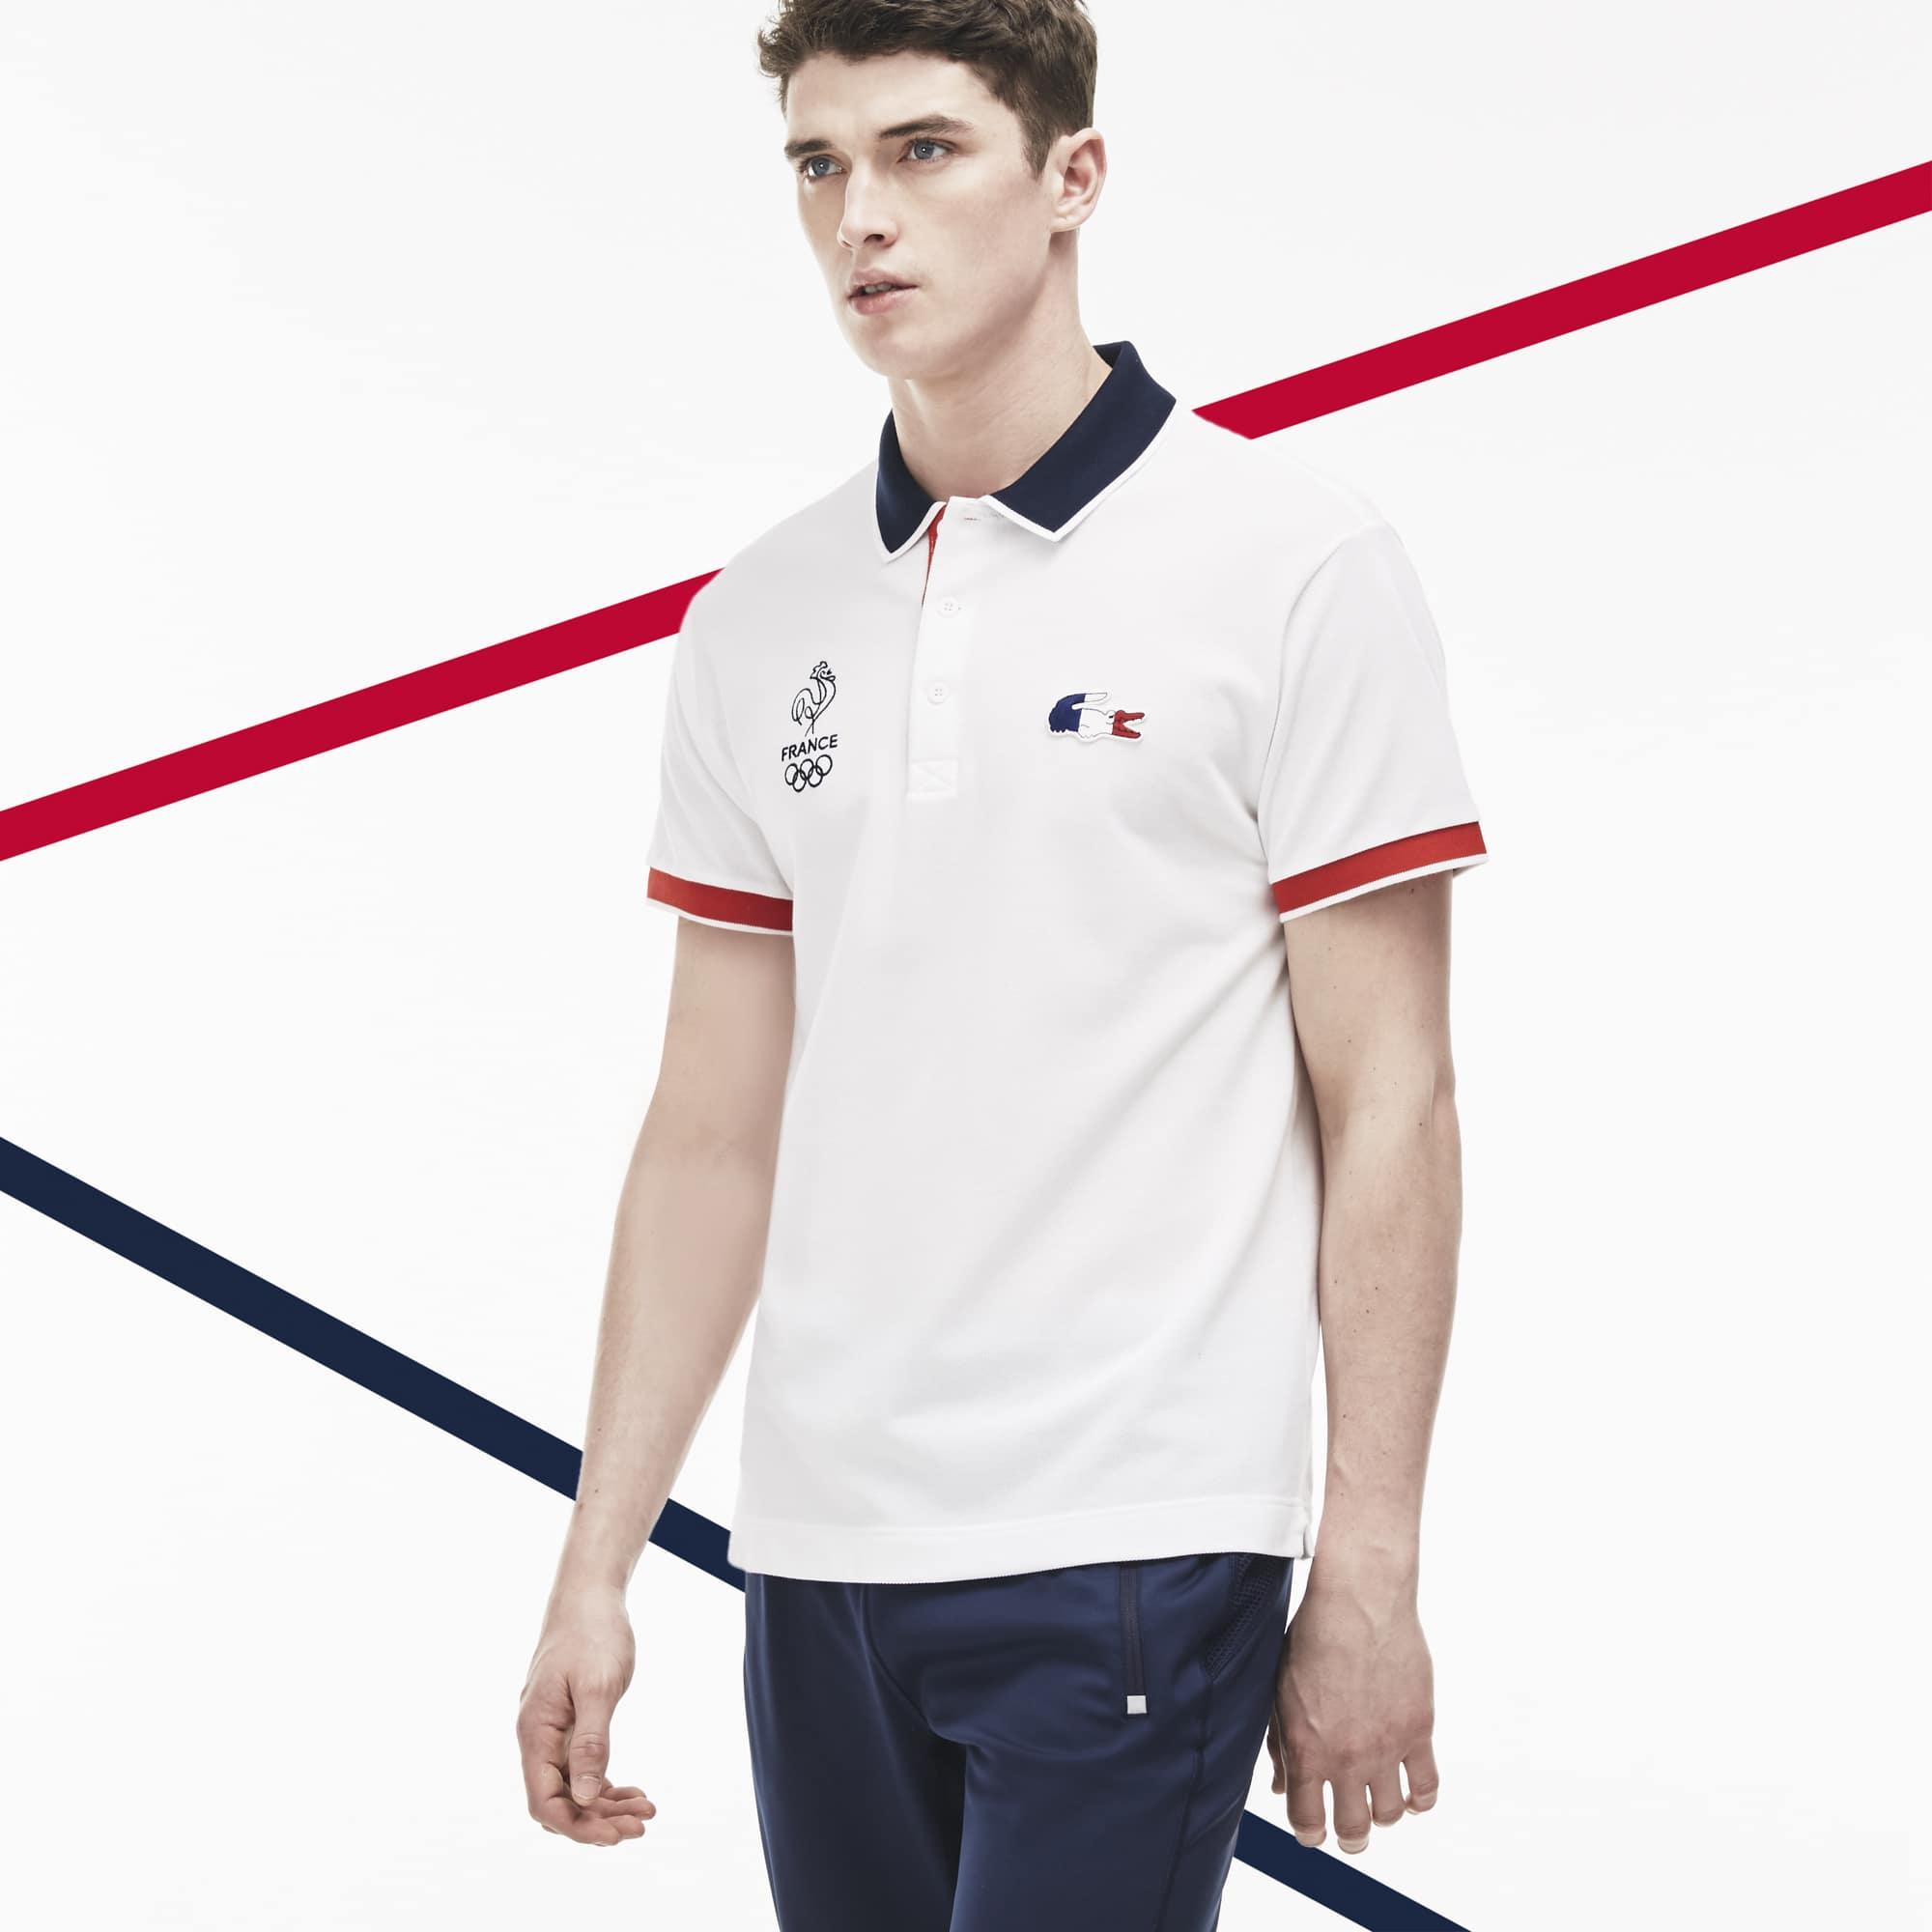 b44479378b La collection France Olympique est disponible exclusivement sur la boutique  en ligne et dans les magasins Lacoste.